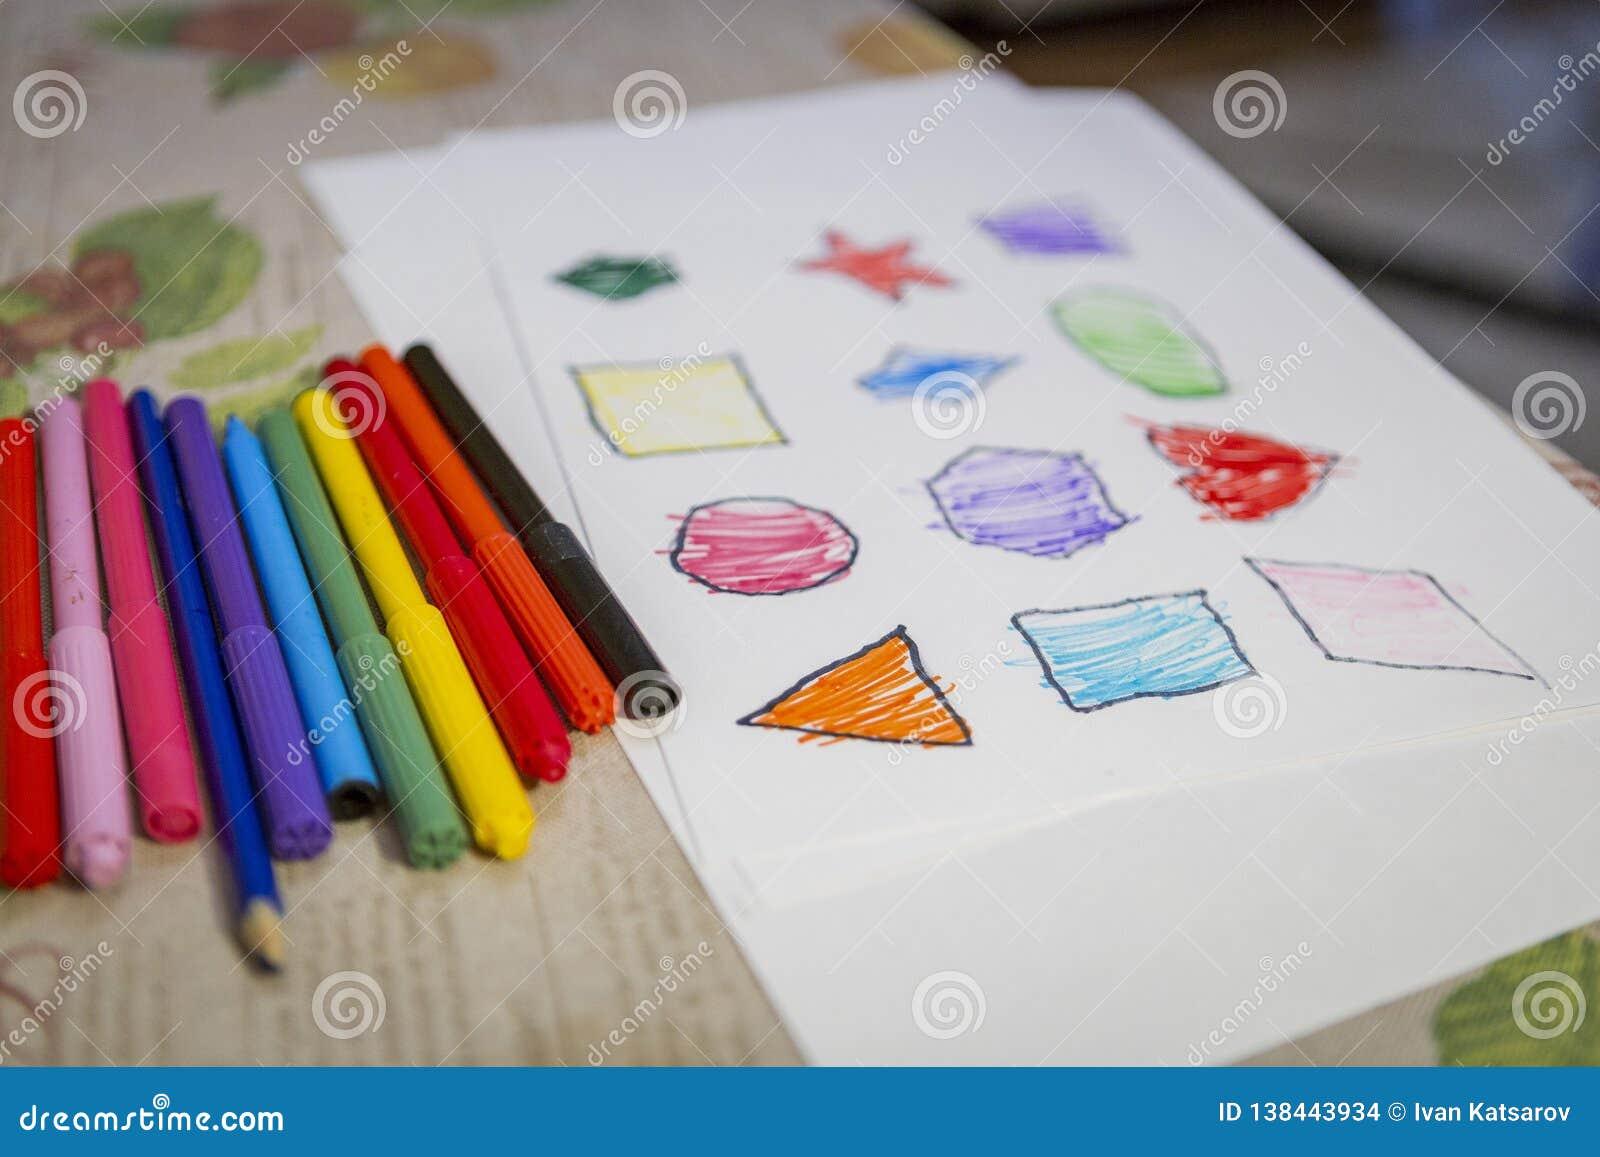 Dziecko kolorystyki i obrazu postacie na bielu prześcieradle w domu